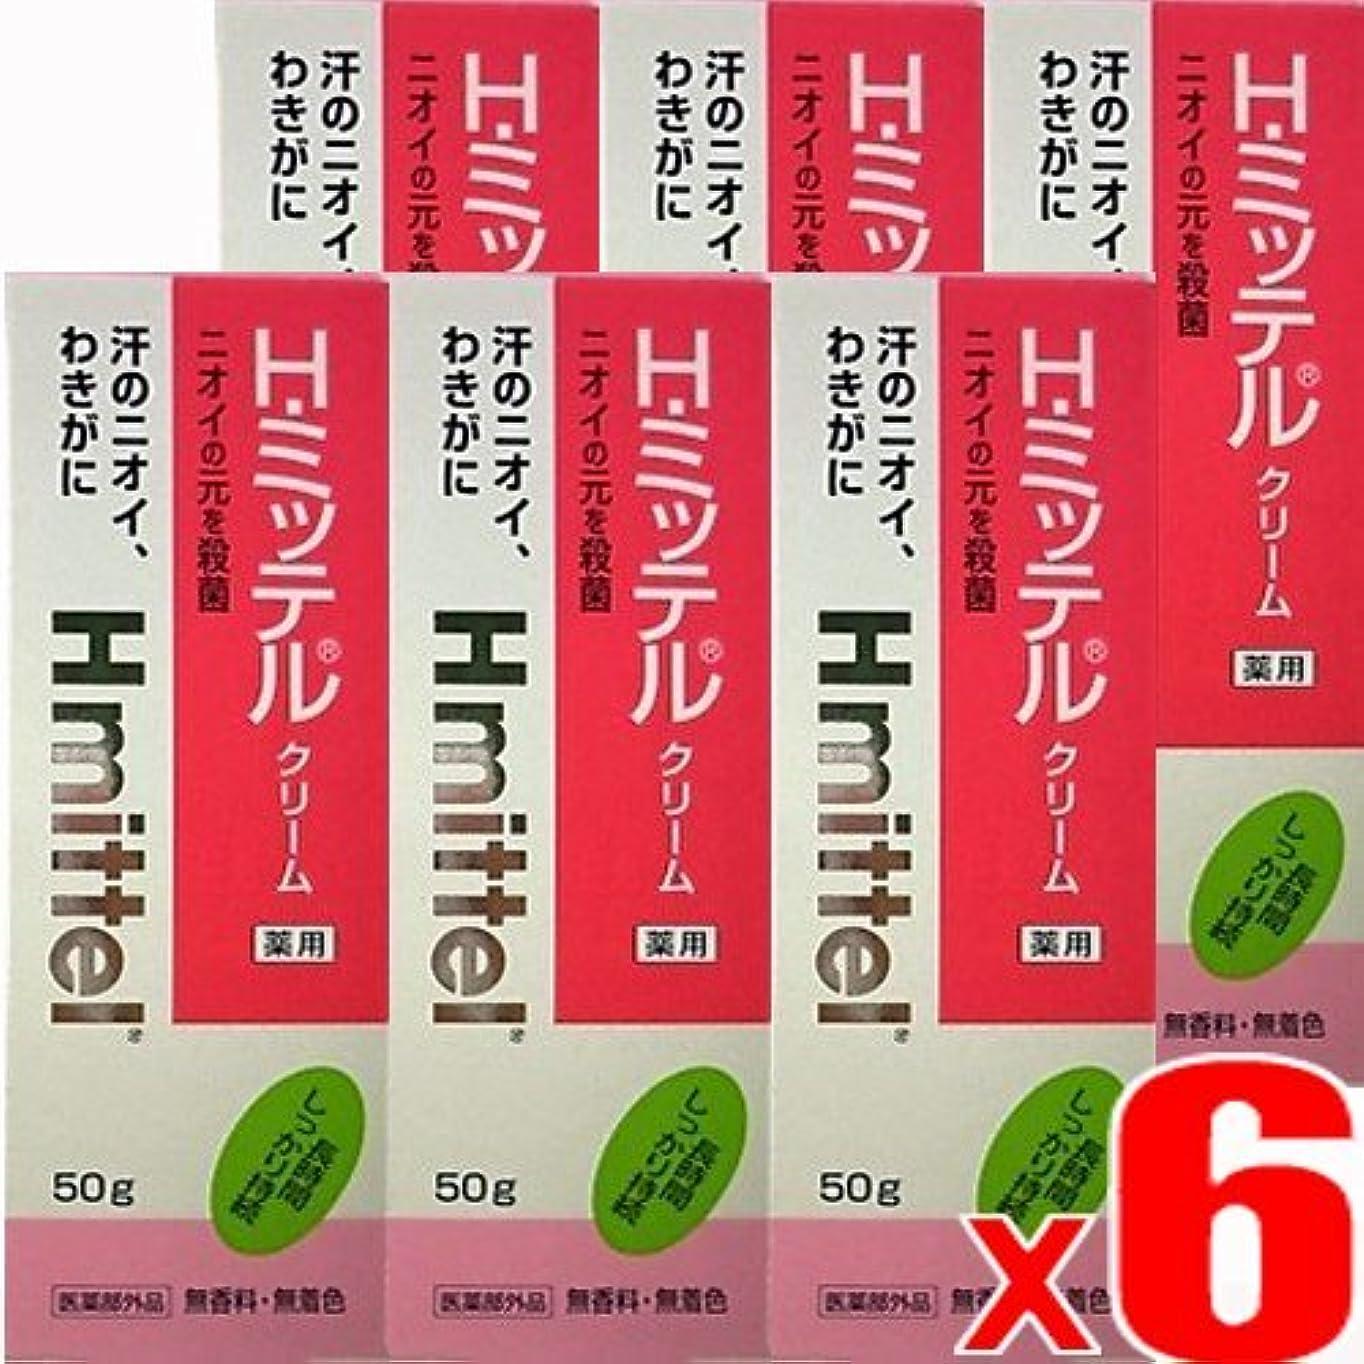 飼料弾薬慣らす【50g x6個】クラシエ Hミッテル クリーム 50gx6個 (4987045055850-6)